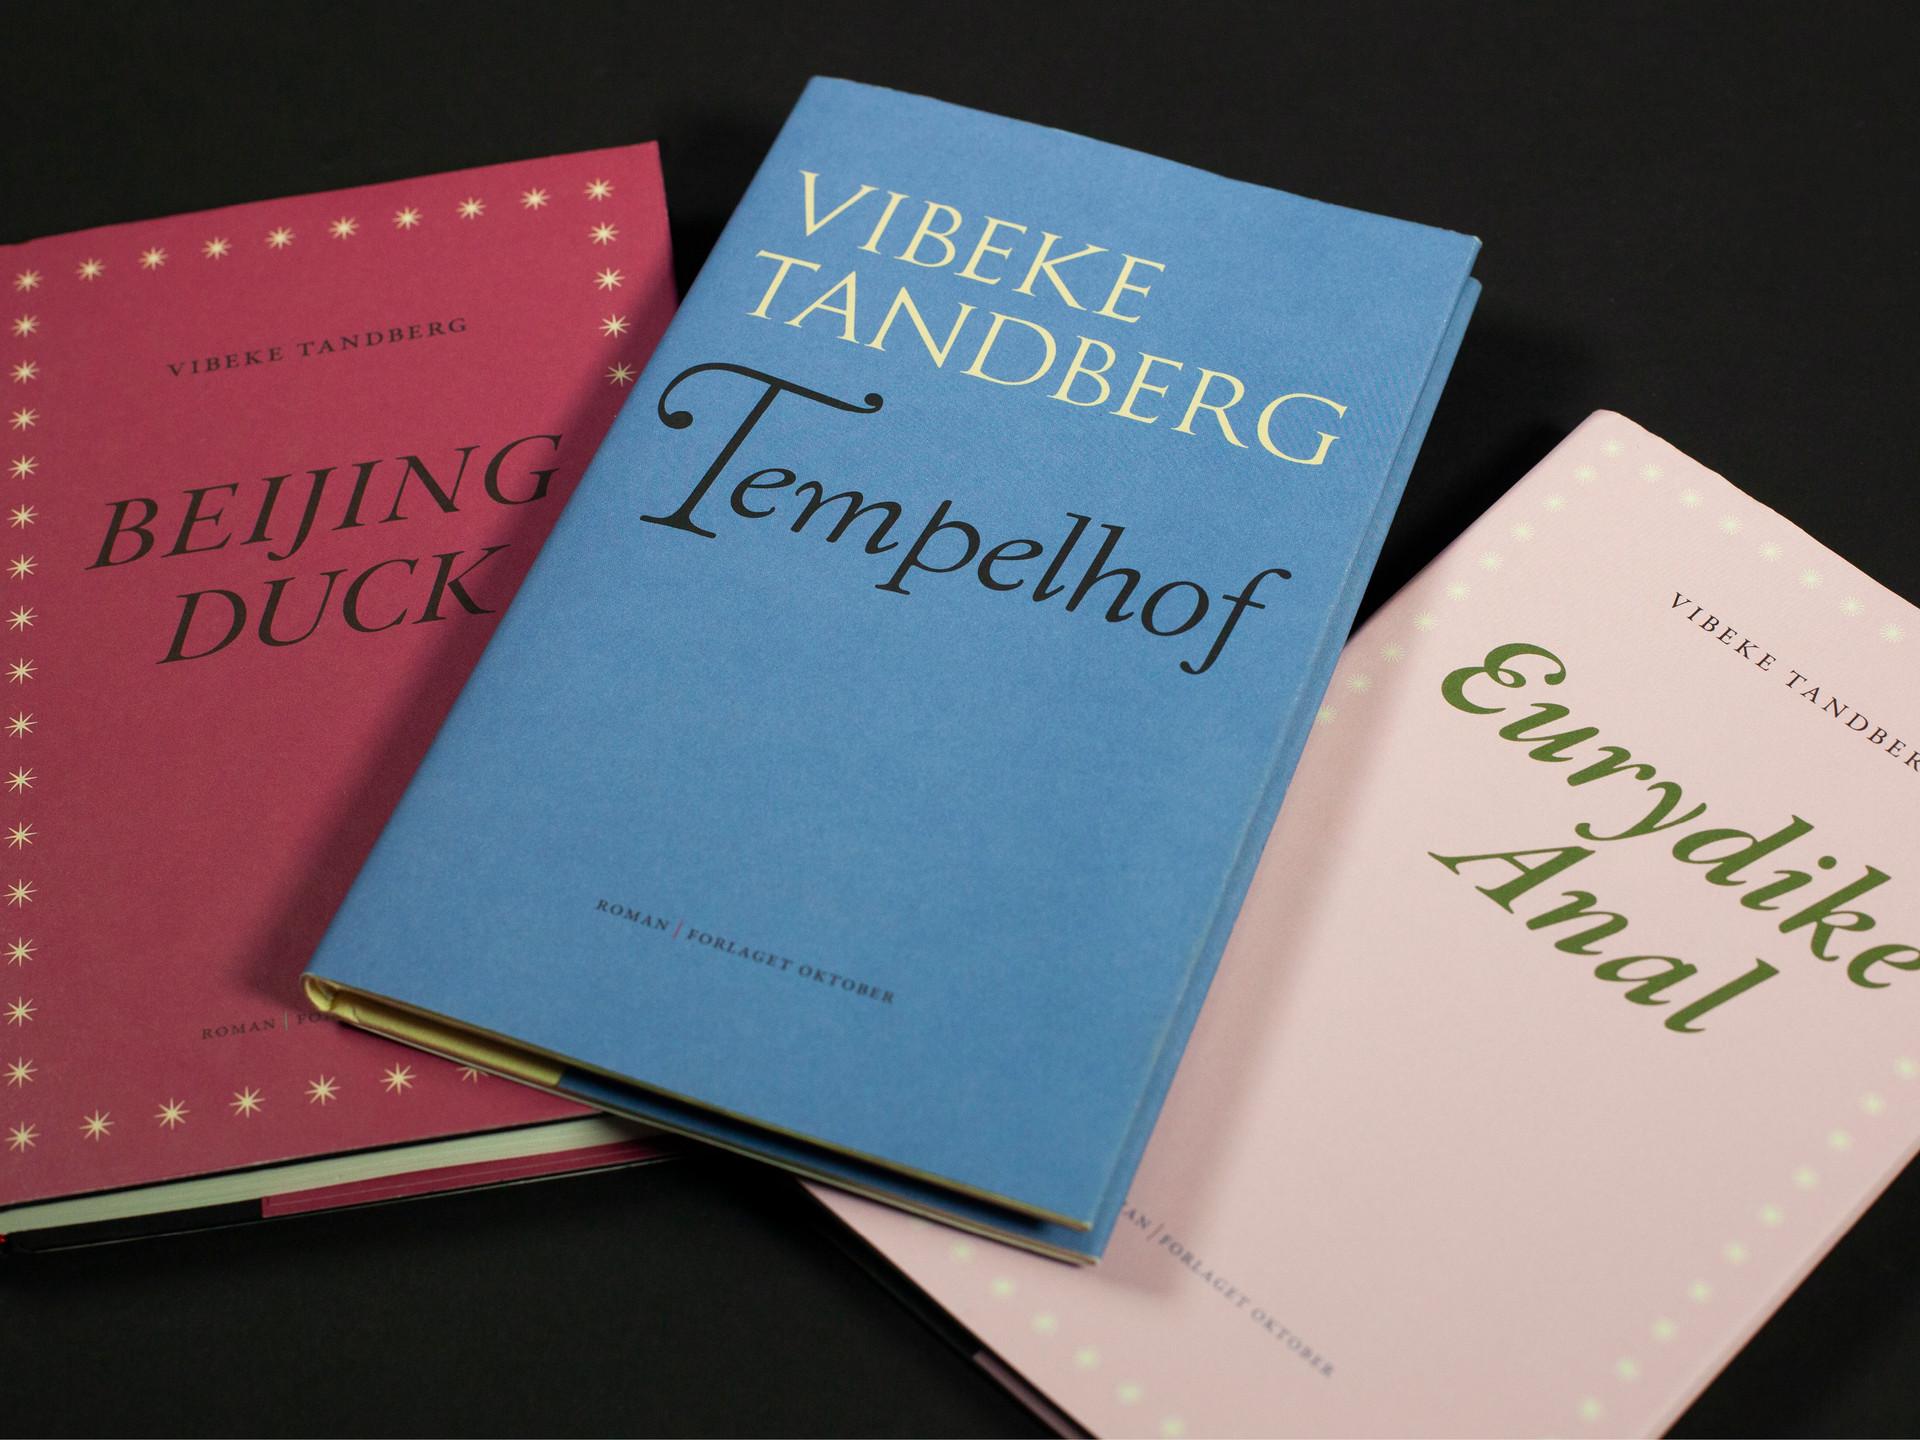 Vibeke Tandberg